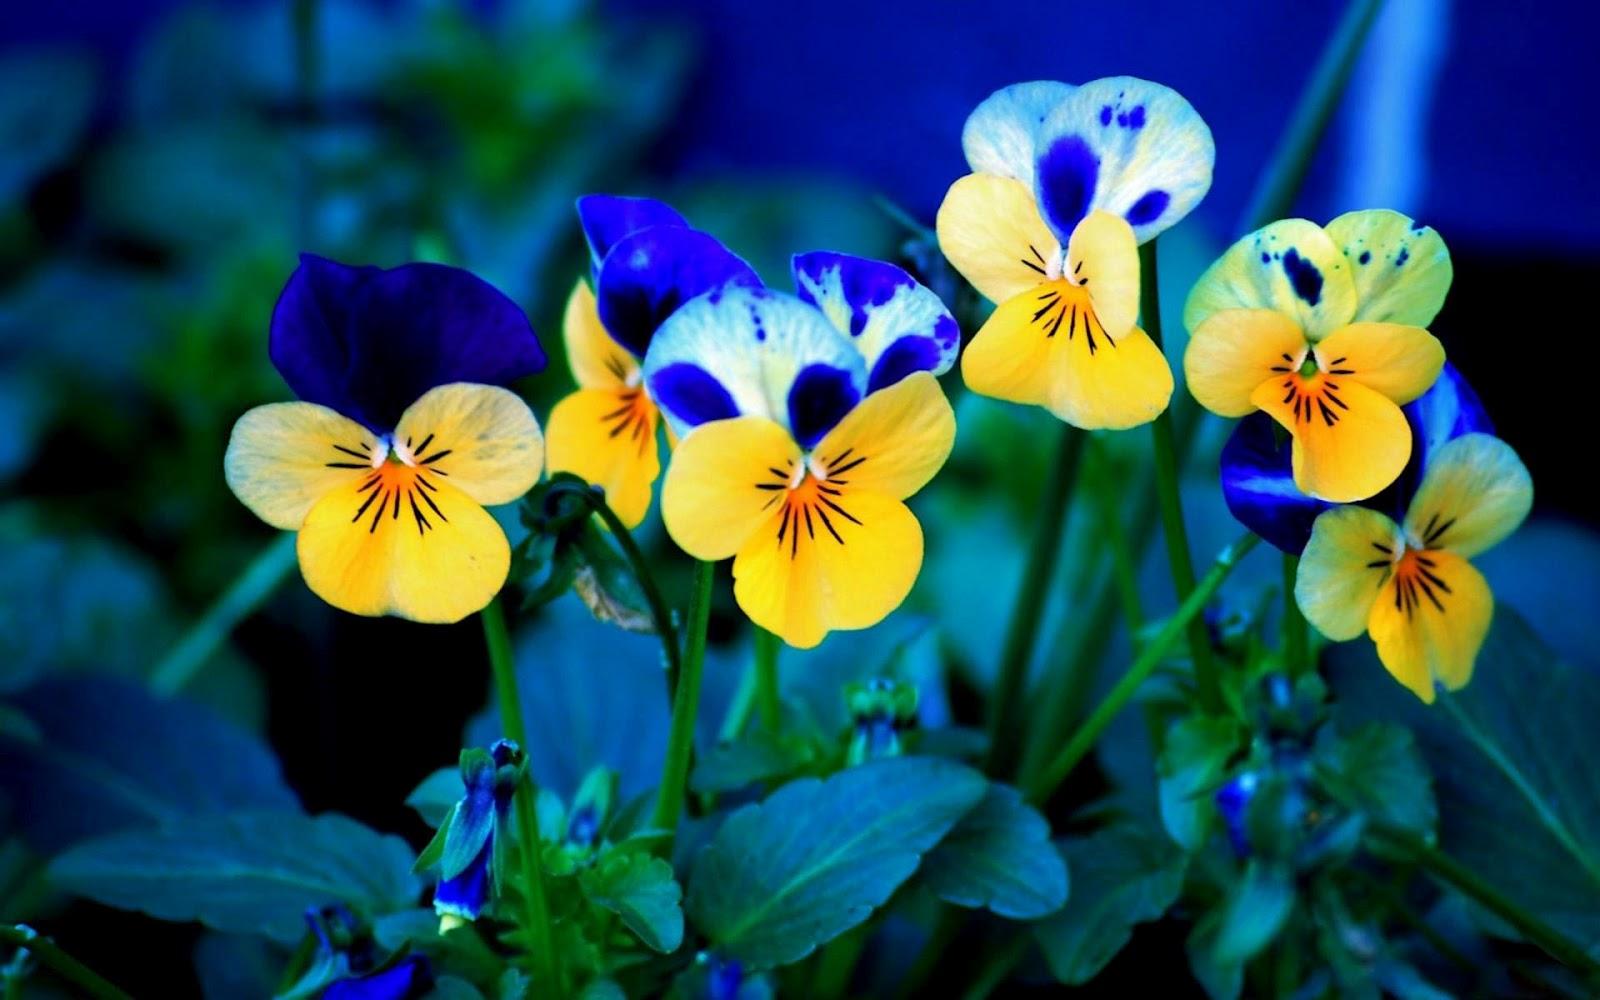 Beautiful Nature Wallpaper Flowers Wallpapersafari